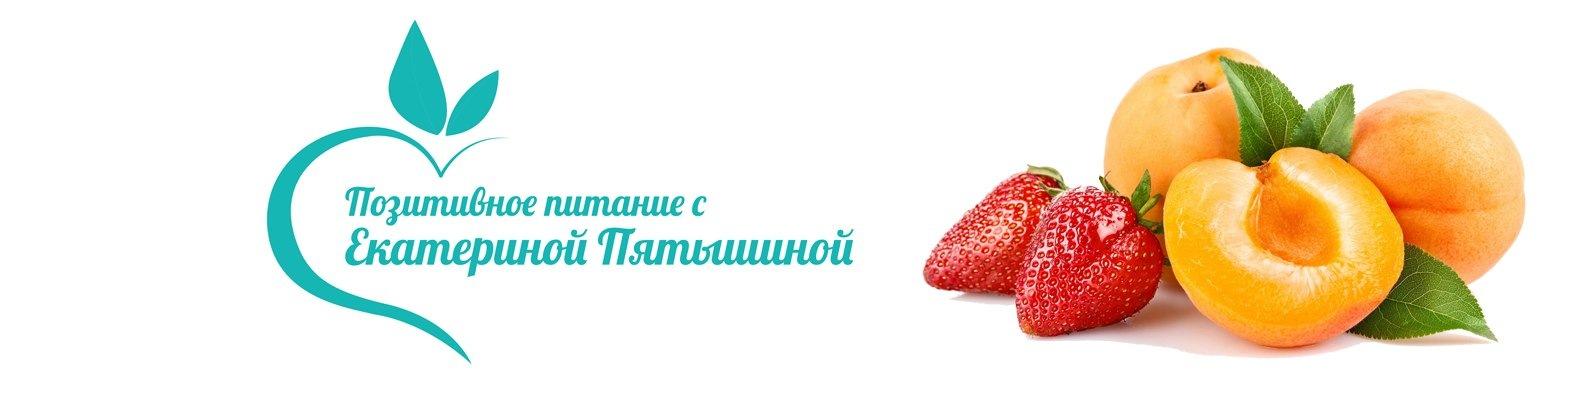 43665a5286ff Правильное питание. Екатерина Пятышина.   ВКонтакте